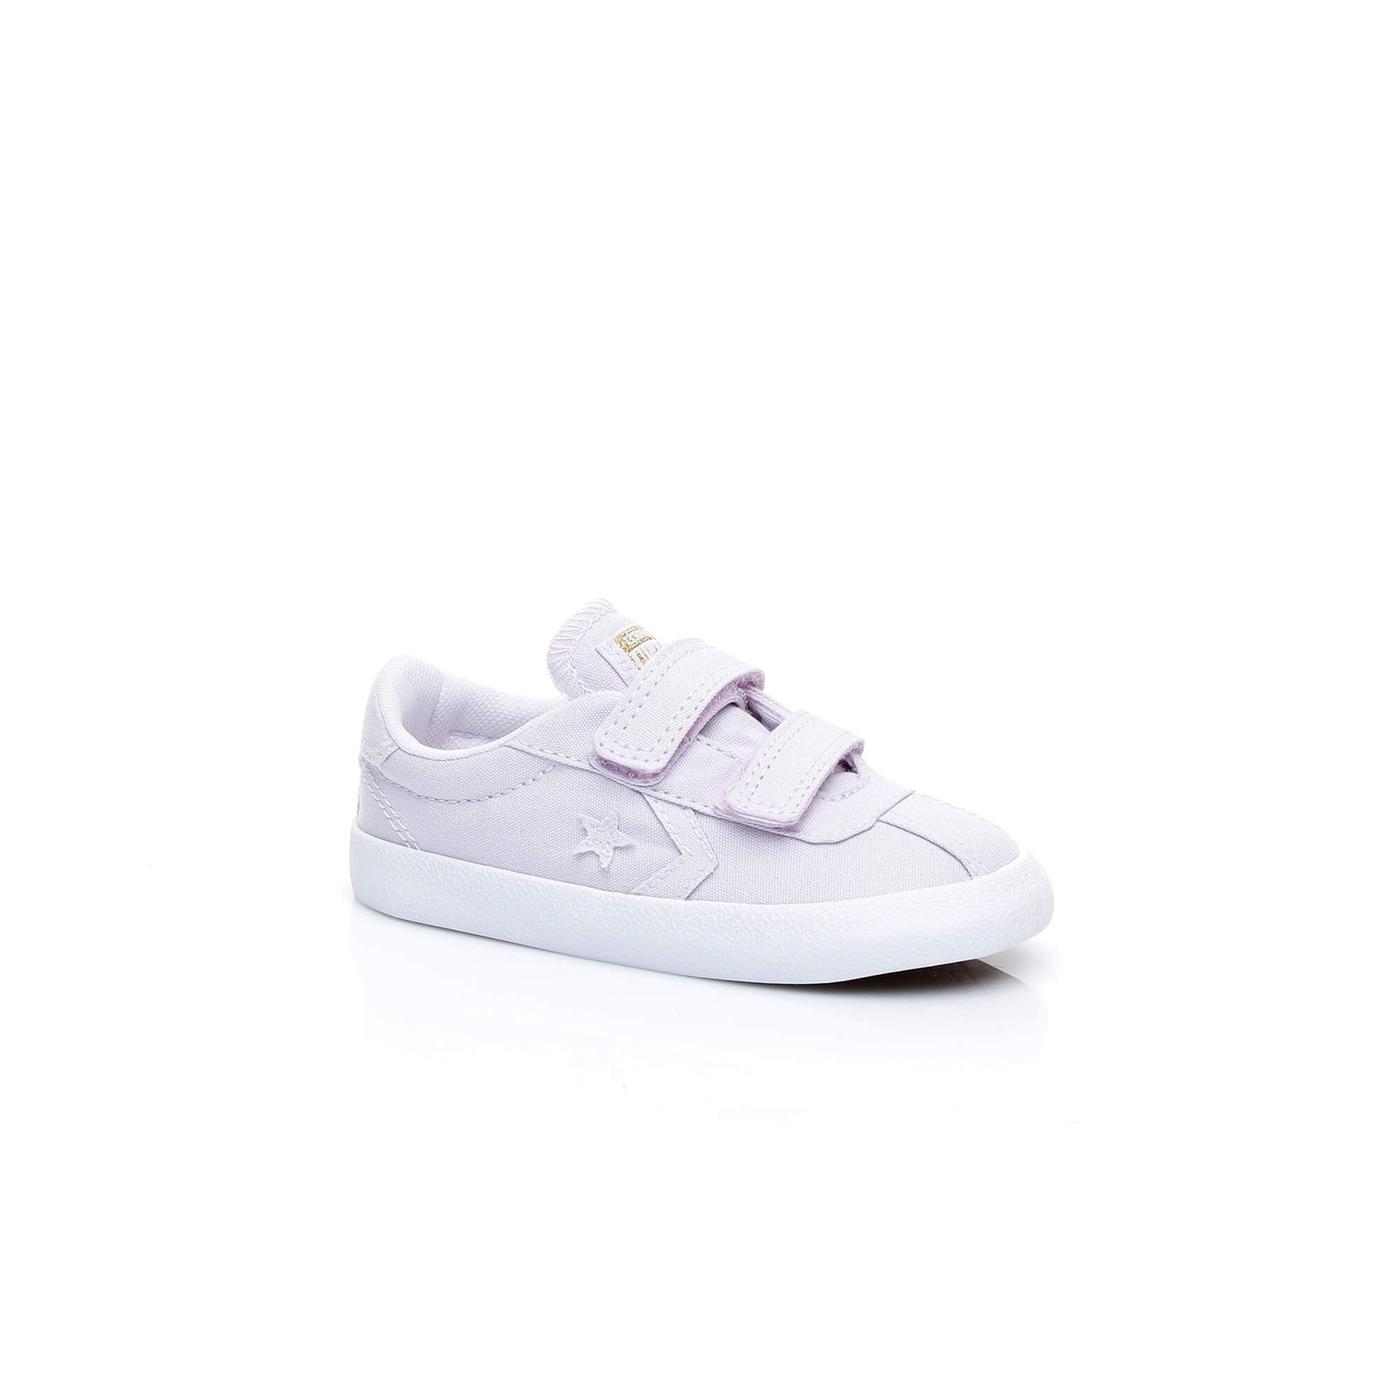 Converse Breakpoint 2V Çocuk Pembe Sneaker